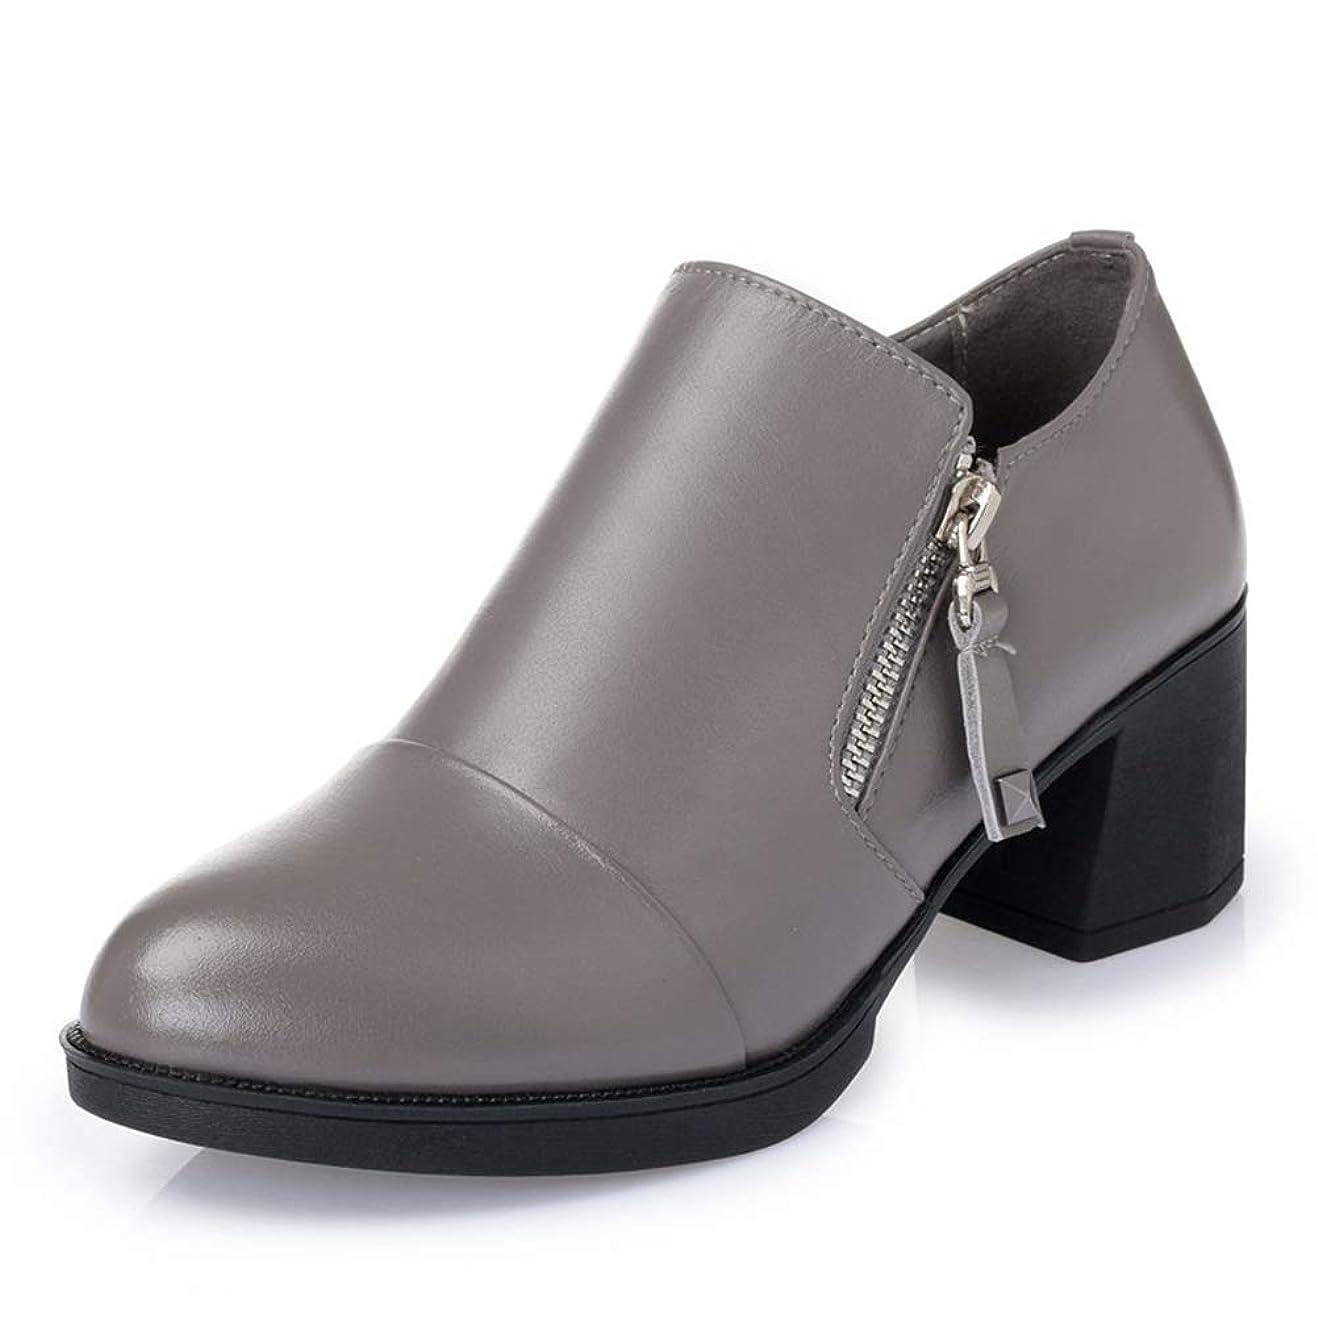 いらいらする注意ぎこちない[HR株式会社] ブーツ ブーティ レディース ショートブーツ 短靴 ジッパー オフィス パンプス 太めヒール シューズ 通勤 美脚 防滑 大きいサイズ